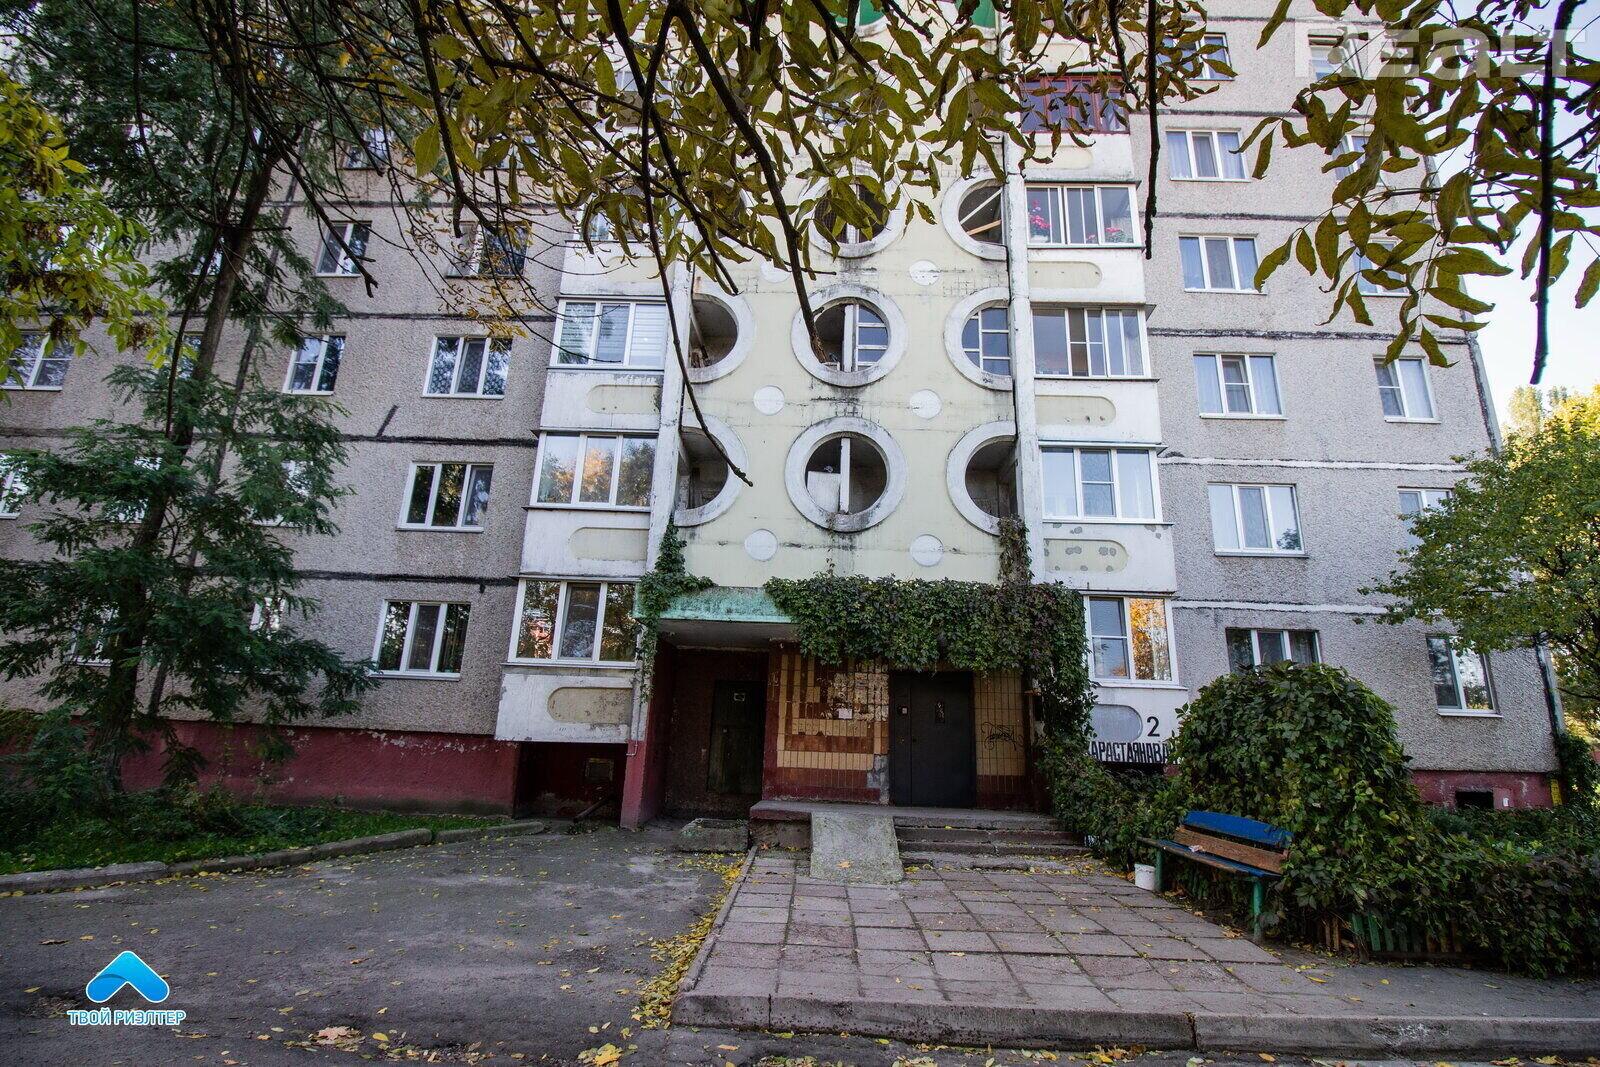 Продажа 2-х комнатной квартиры в г. Гомеле, ул. Карастояновой, дом 2 (р-н Сельмаш). Цена 73 670 руб